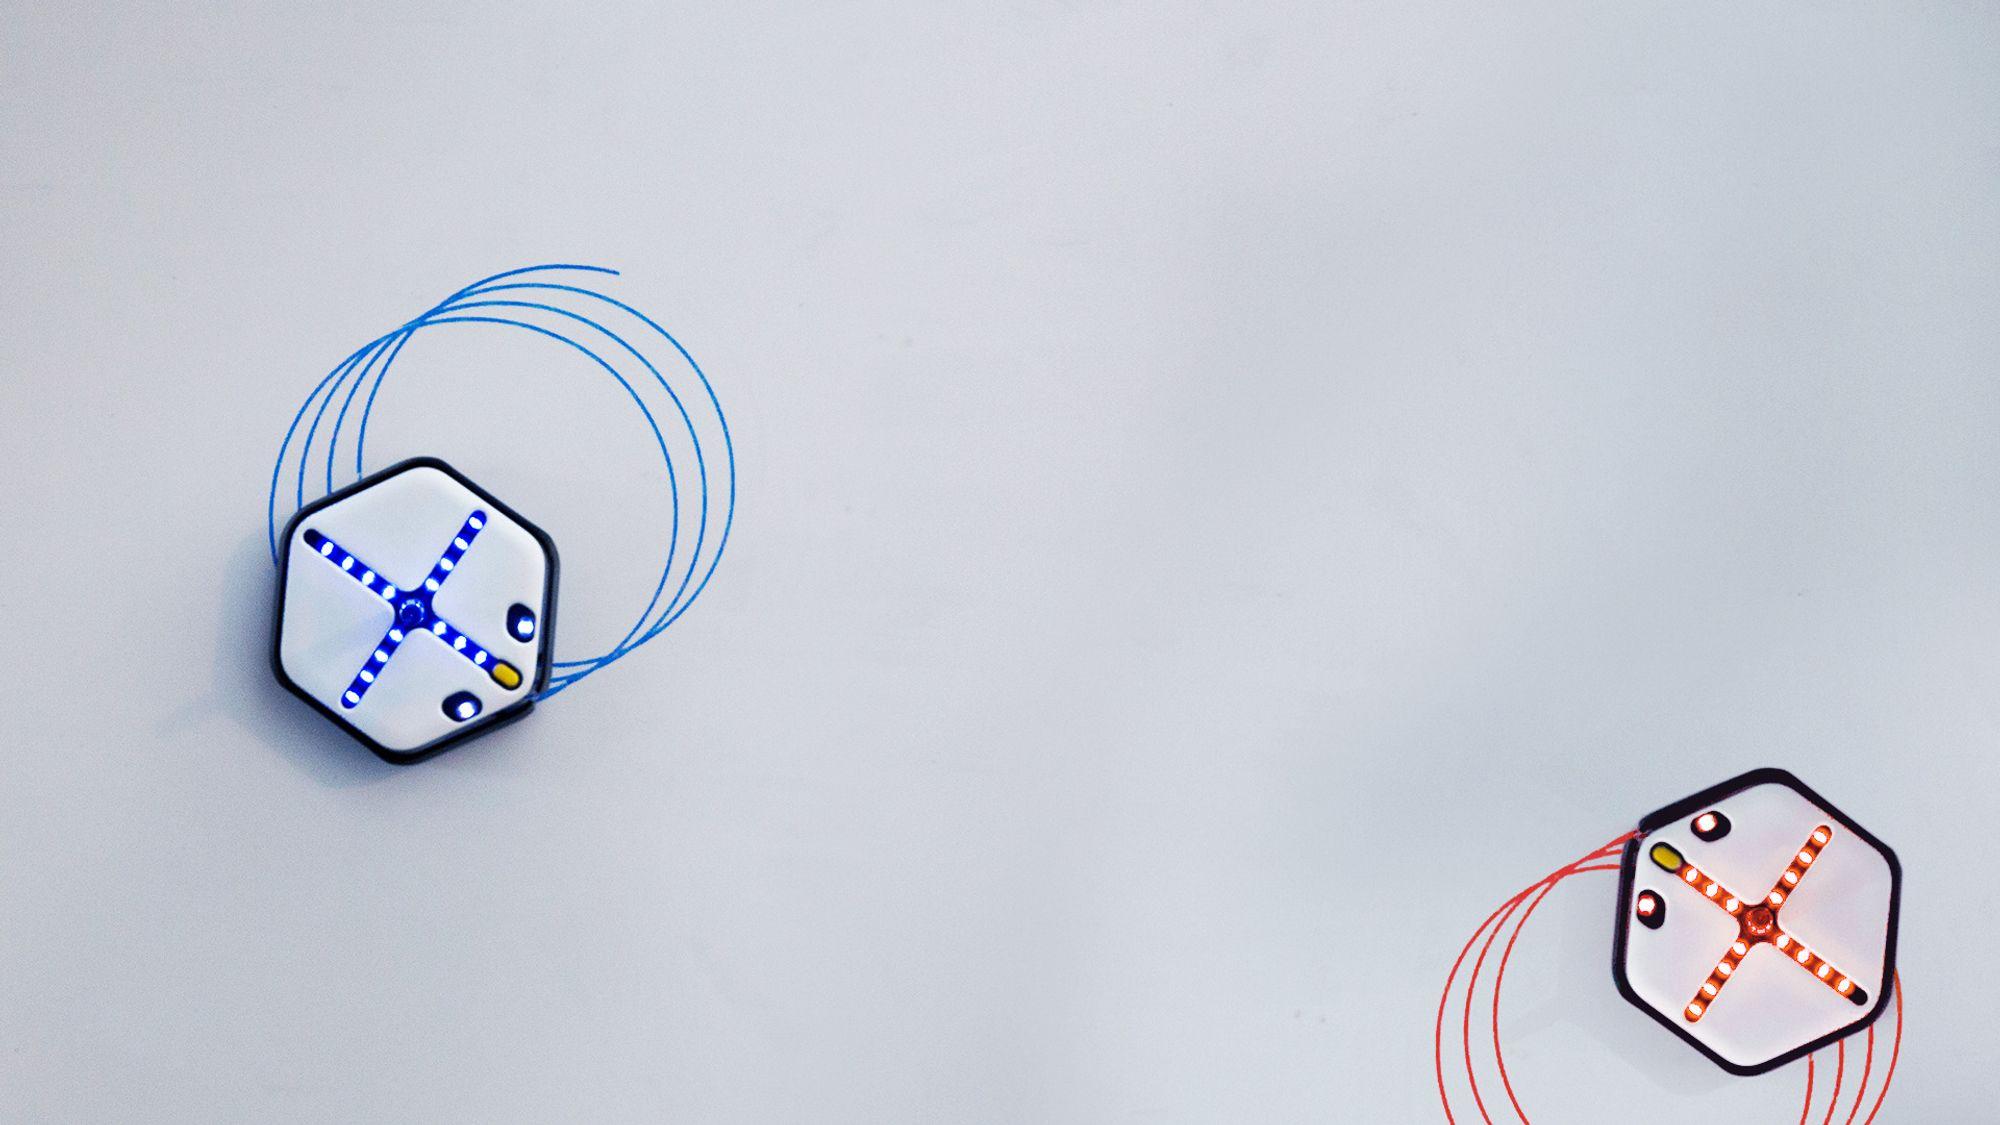 Roboten kan tegne streker i ulike farger, viske dem ut og kan også programmeres til å følge en strek ettersom barna tegner den. Foto: Wuss Institute ved Harvard University.